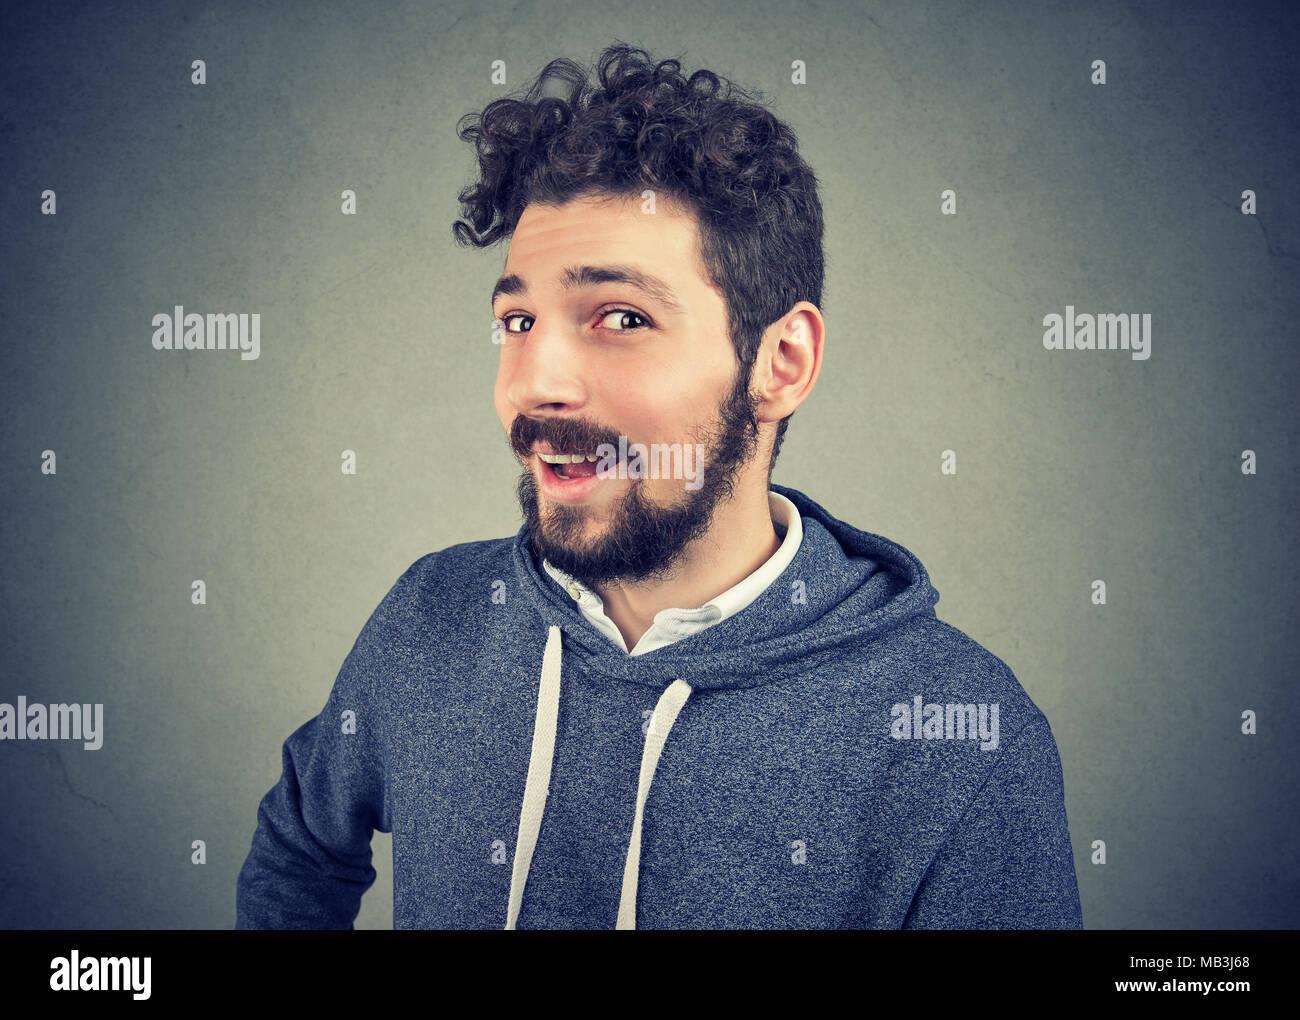 Astucia tricky joven mirando con una sonrisa en la cámara Imagen De Stock